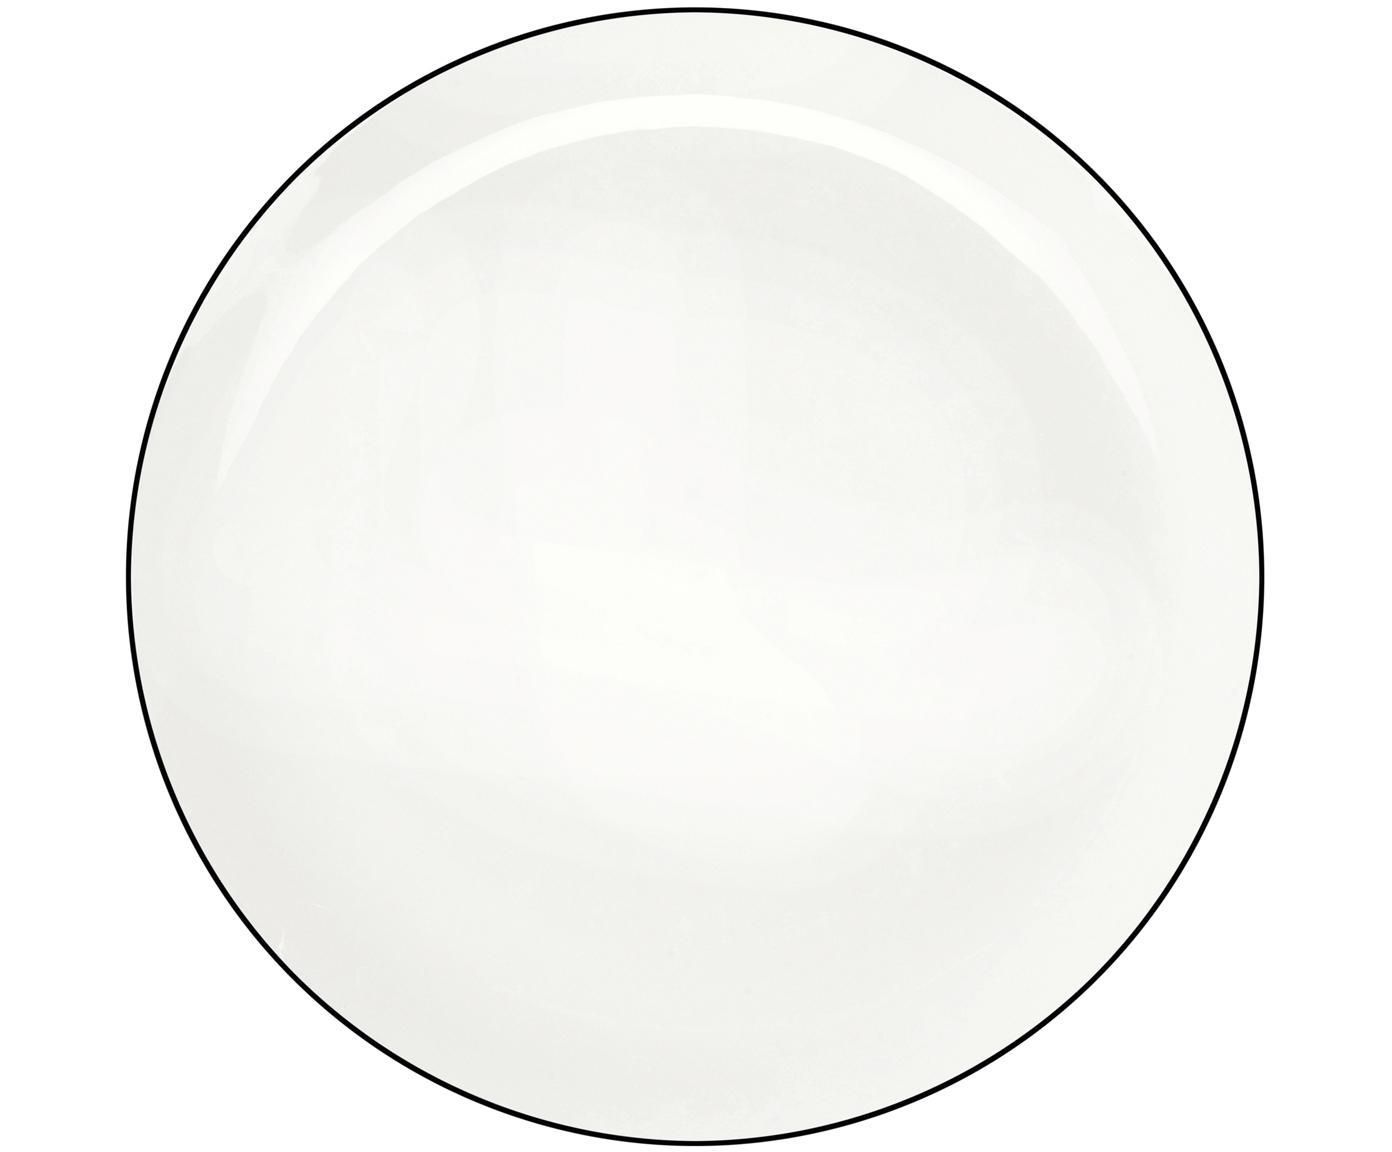 Speiseteller á table ligne noir mit schwarzem Rand, 4 Stück, Fine Bone China, Weiß<br>Rand: Schwarz, Ø 27 cm